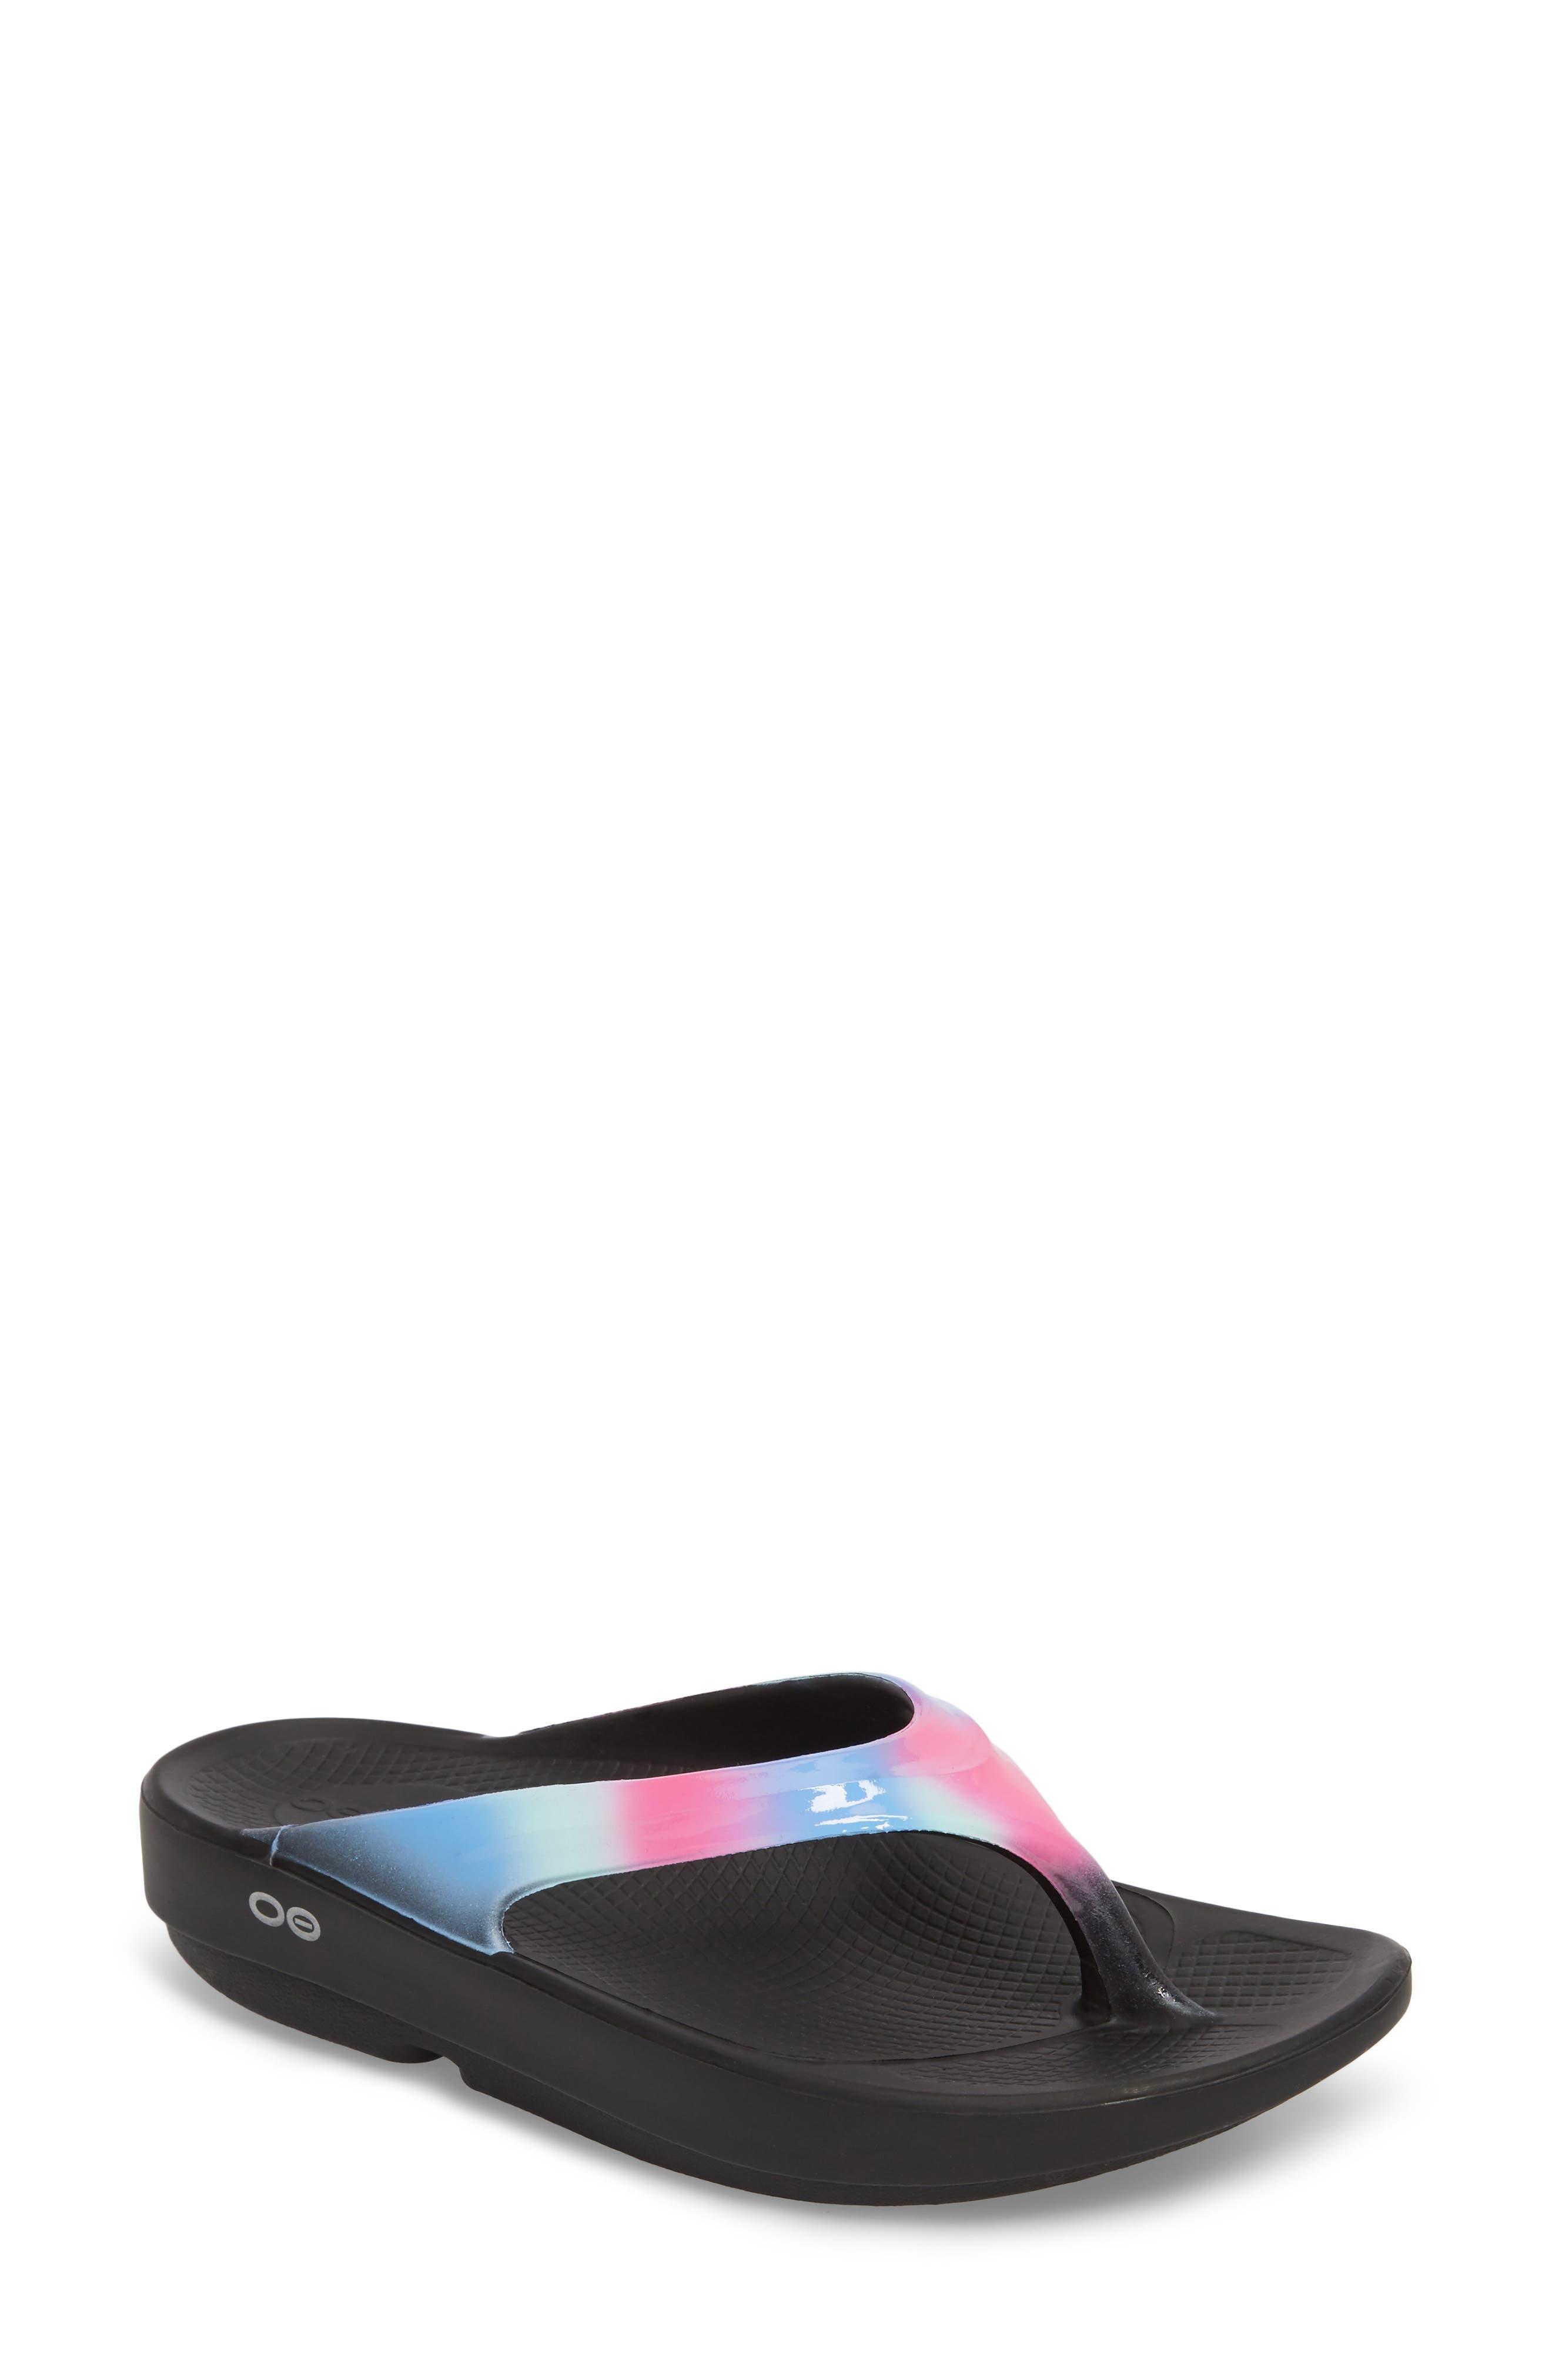 OOlala Luxe Sandal,                             Main thumbnail 1, color,